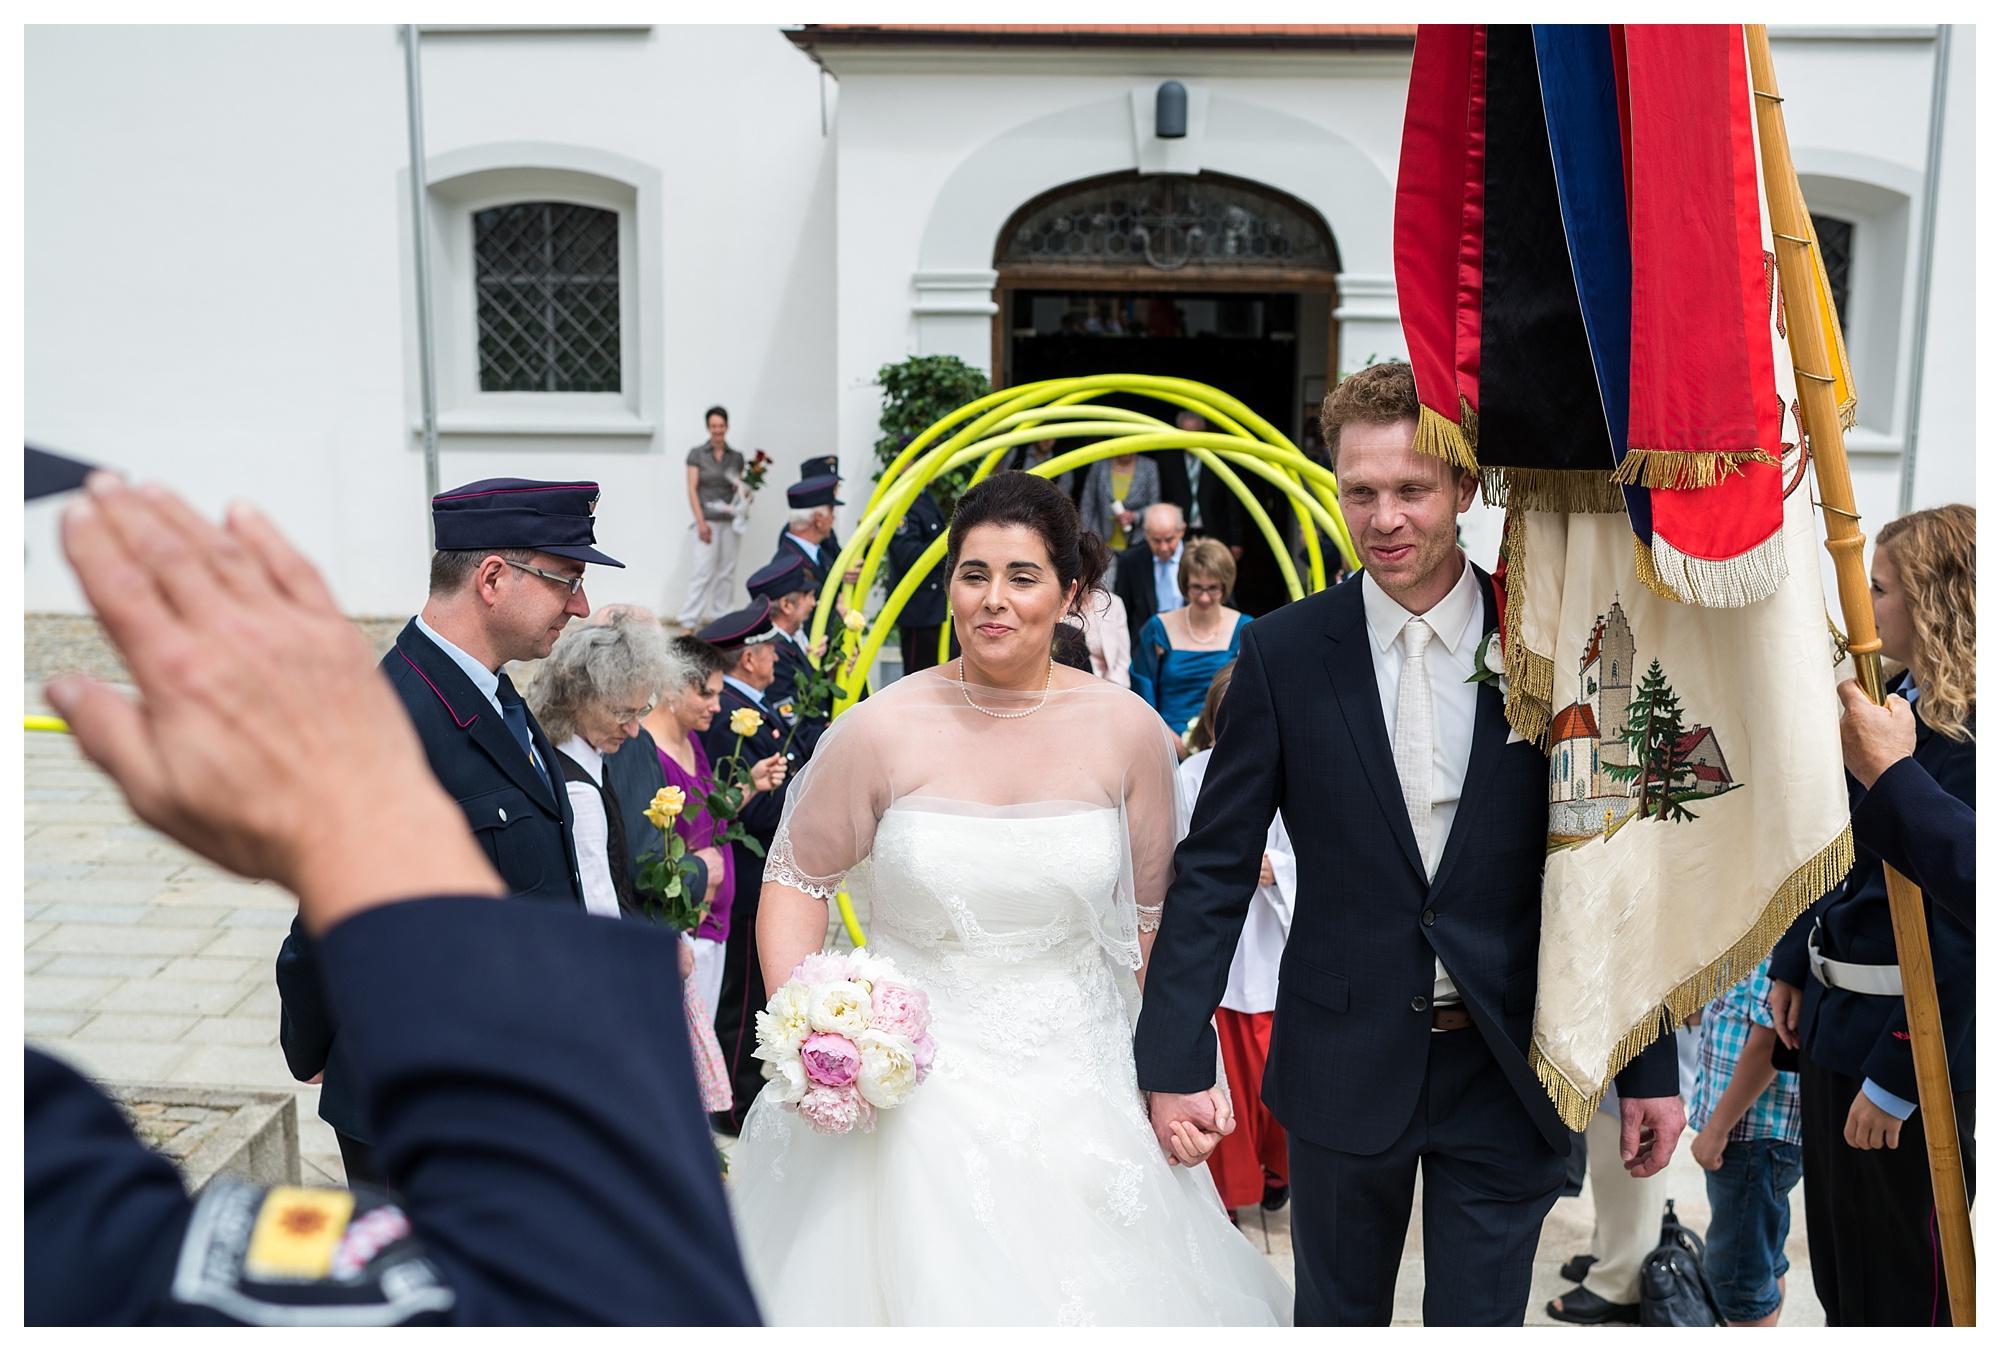 Fotograf Konstanz - Hochzeit Tanja Elmar Elmar Feuerbacher Photography Konstanz Messkirch Highlights 041 - Hochzeitsreportage von Tanja und Elmar im Schloss Meßkirch  - 145 -